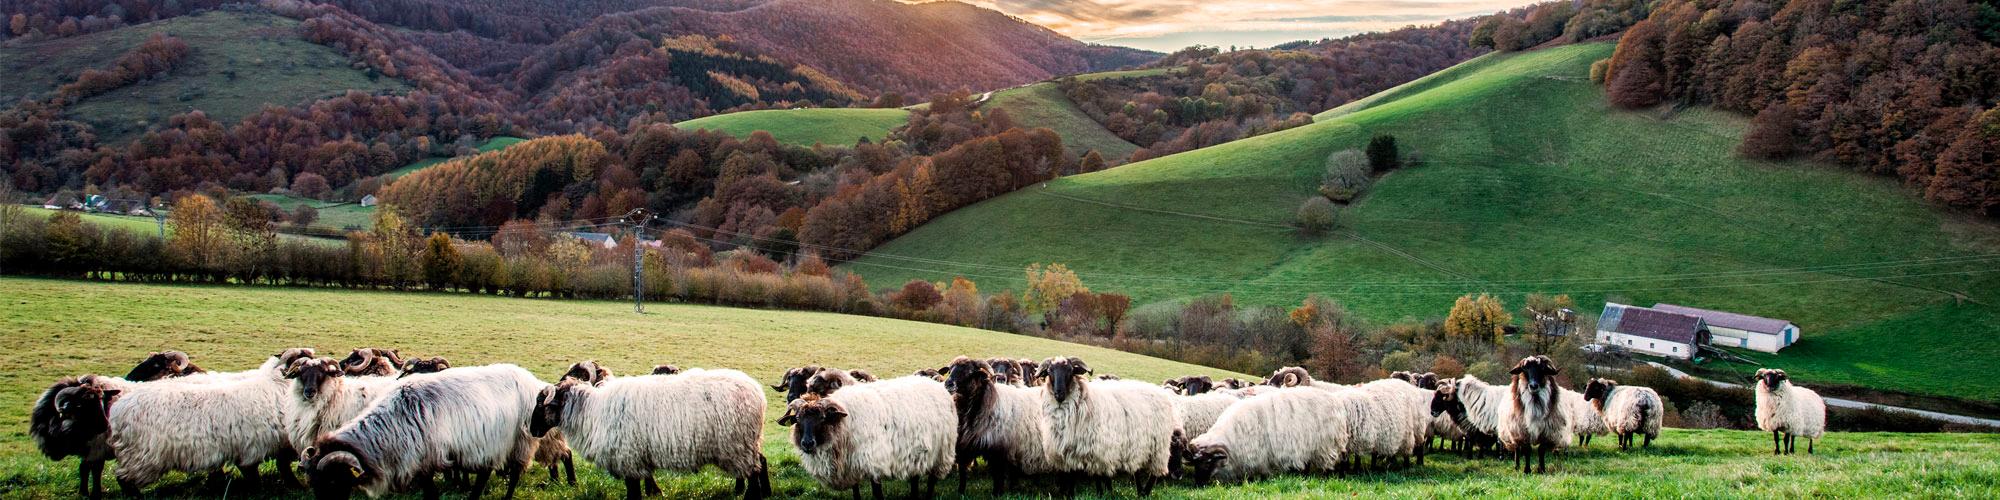 Rebaño de ovejas lachas pastando